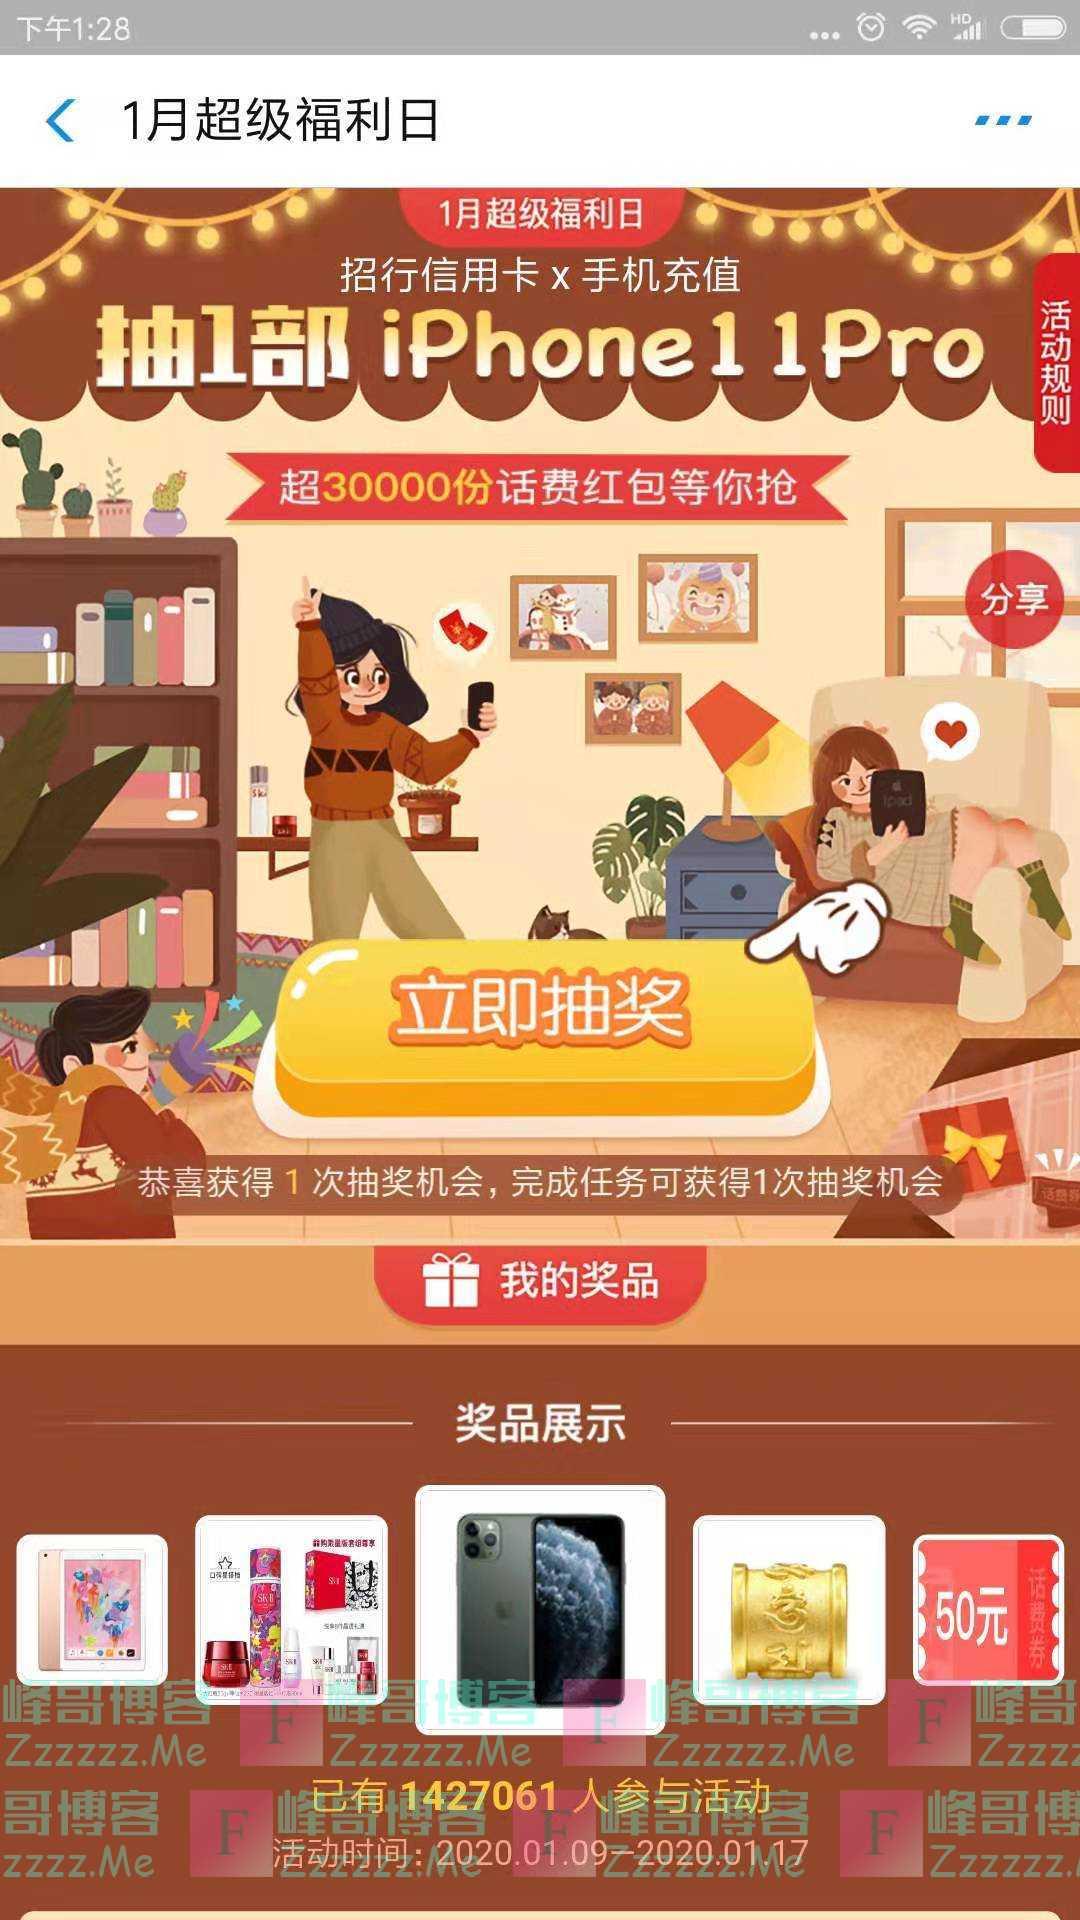 招行xing/用卡1月超级福利日(截止1月17日)